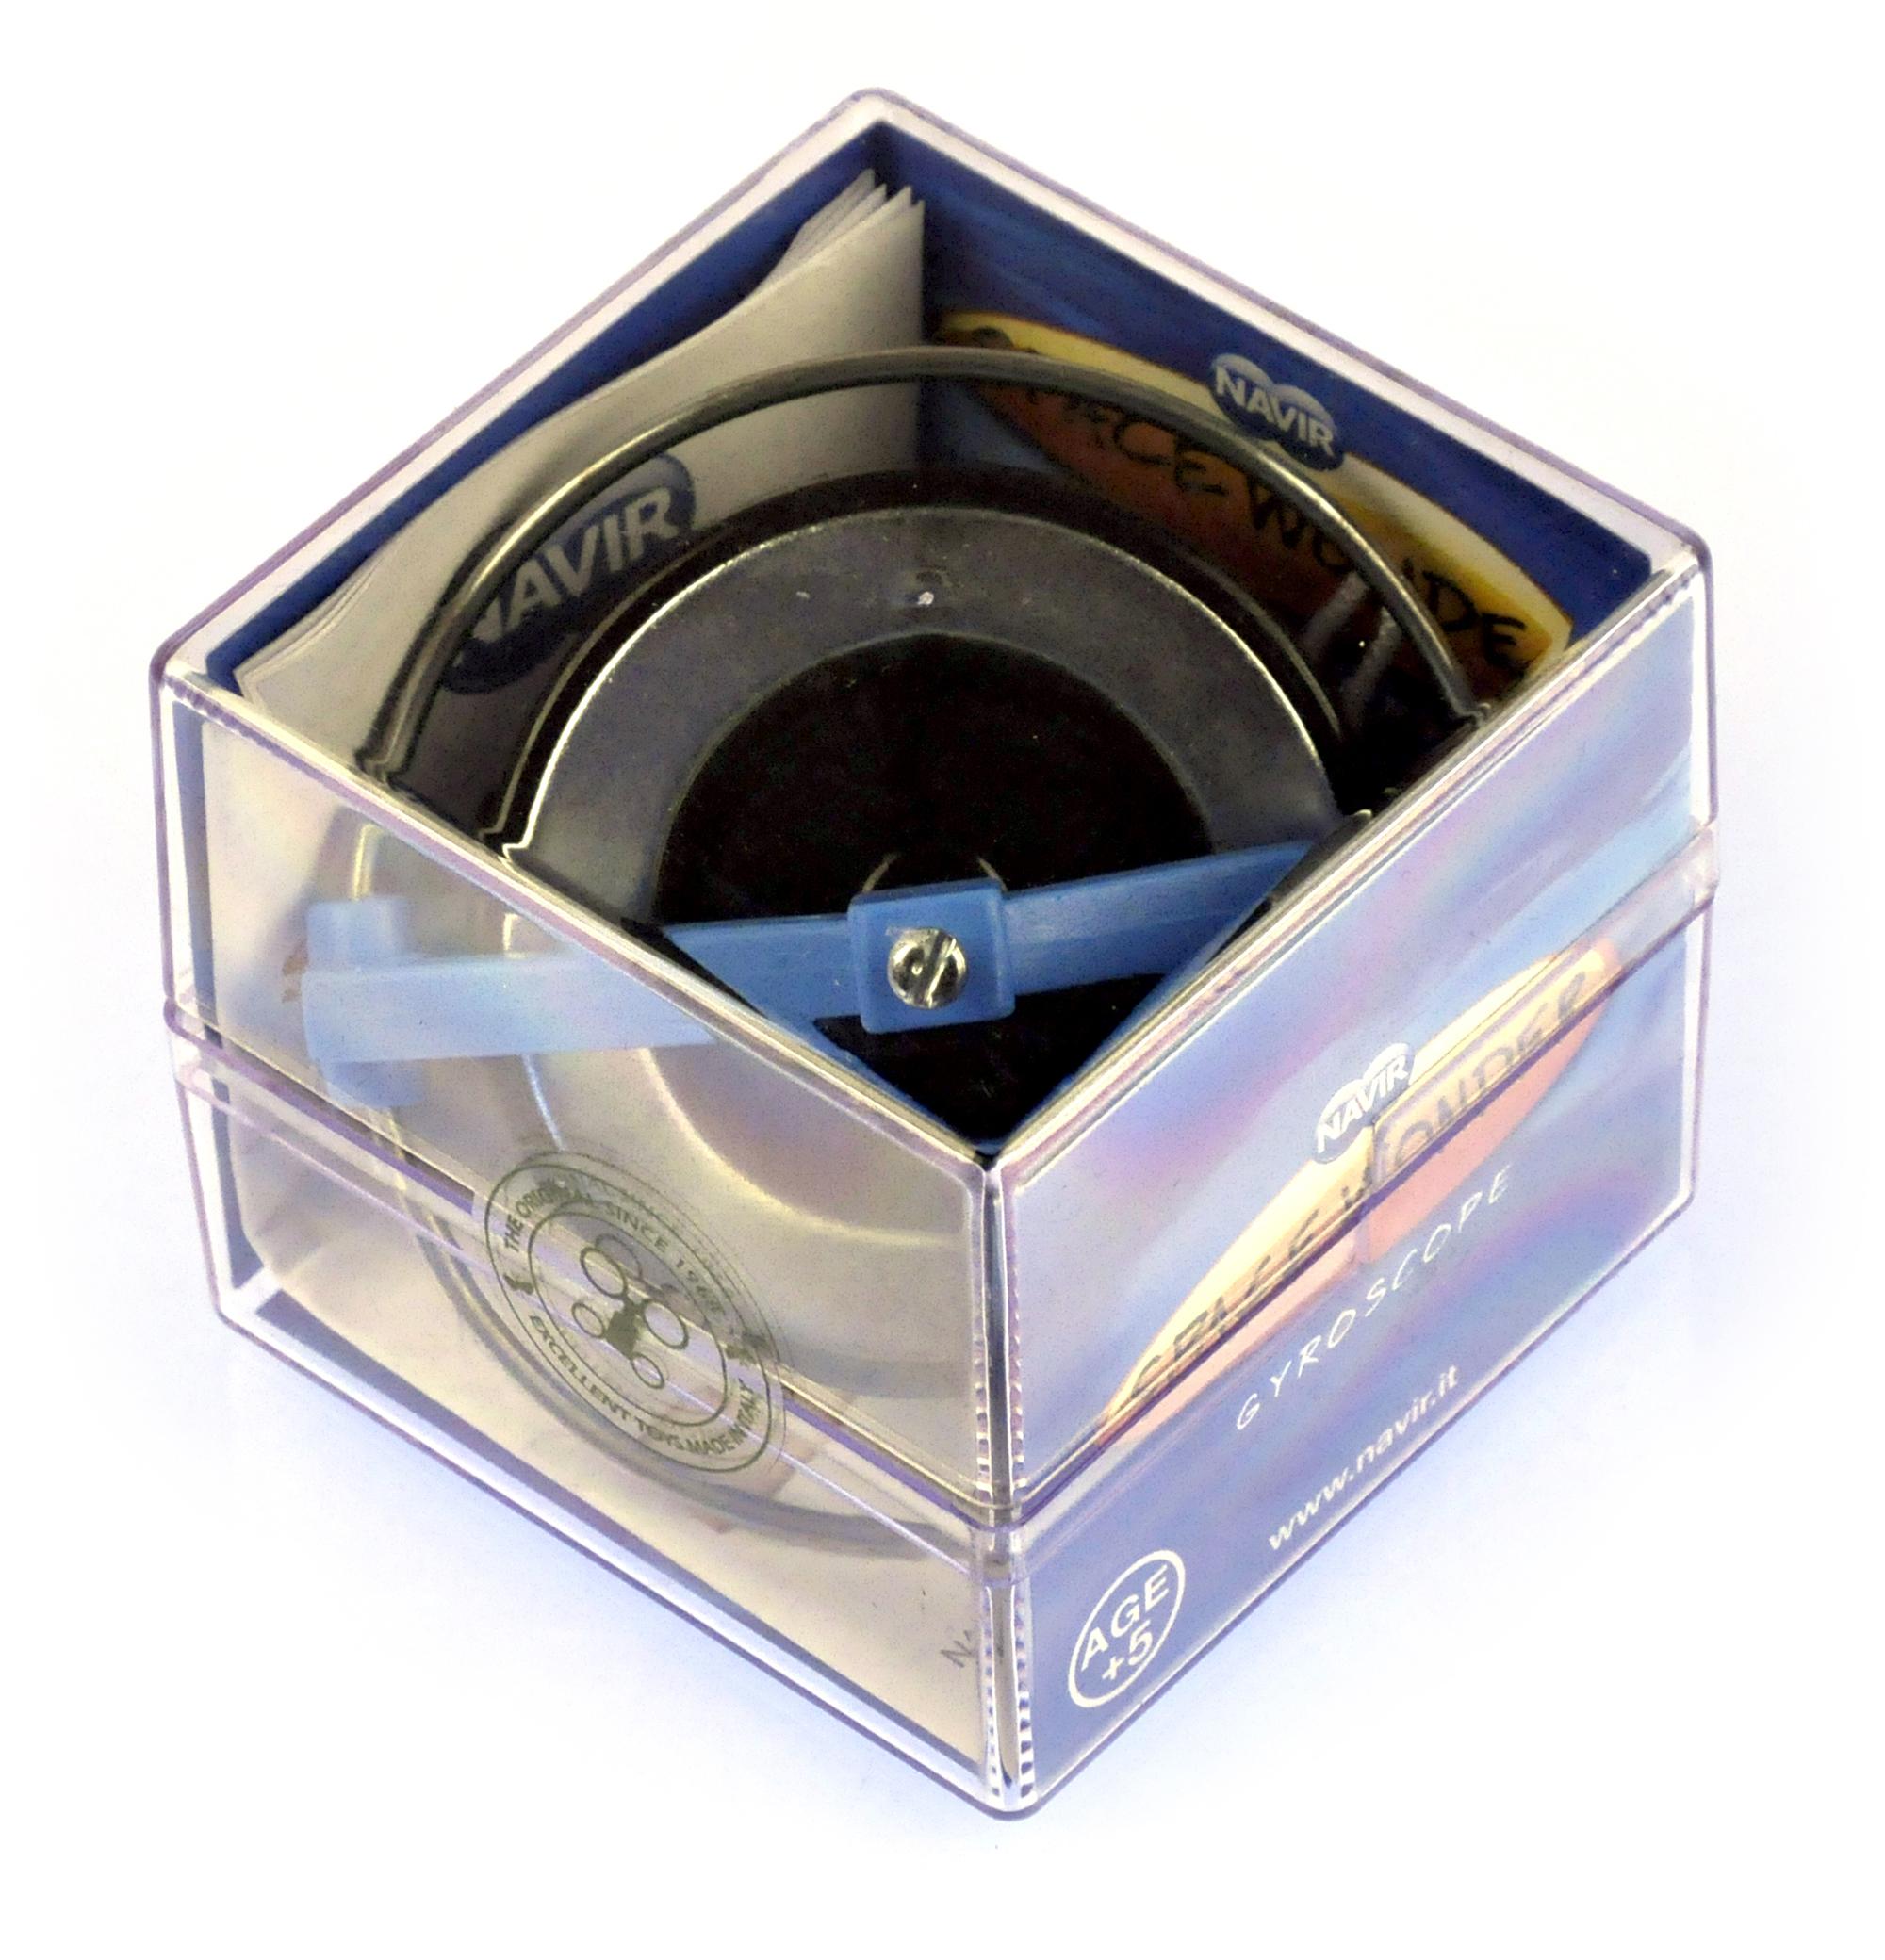 ST C 2 Torchon cuisine//serviette éponge Coton Pack De 3 Taille 36x60cm 360x600mm